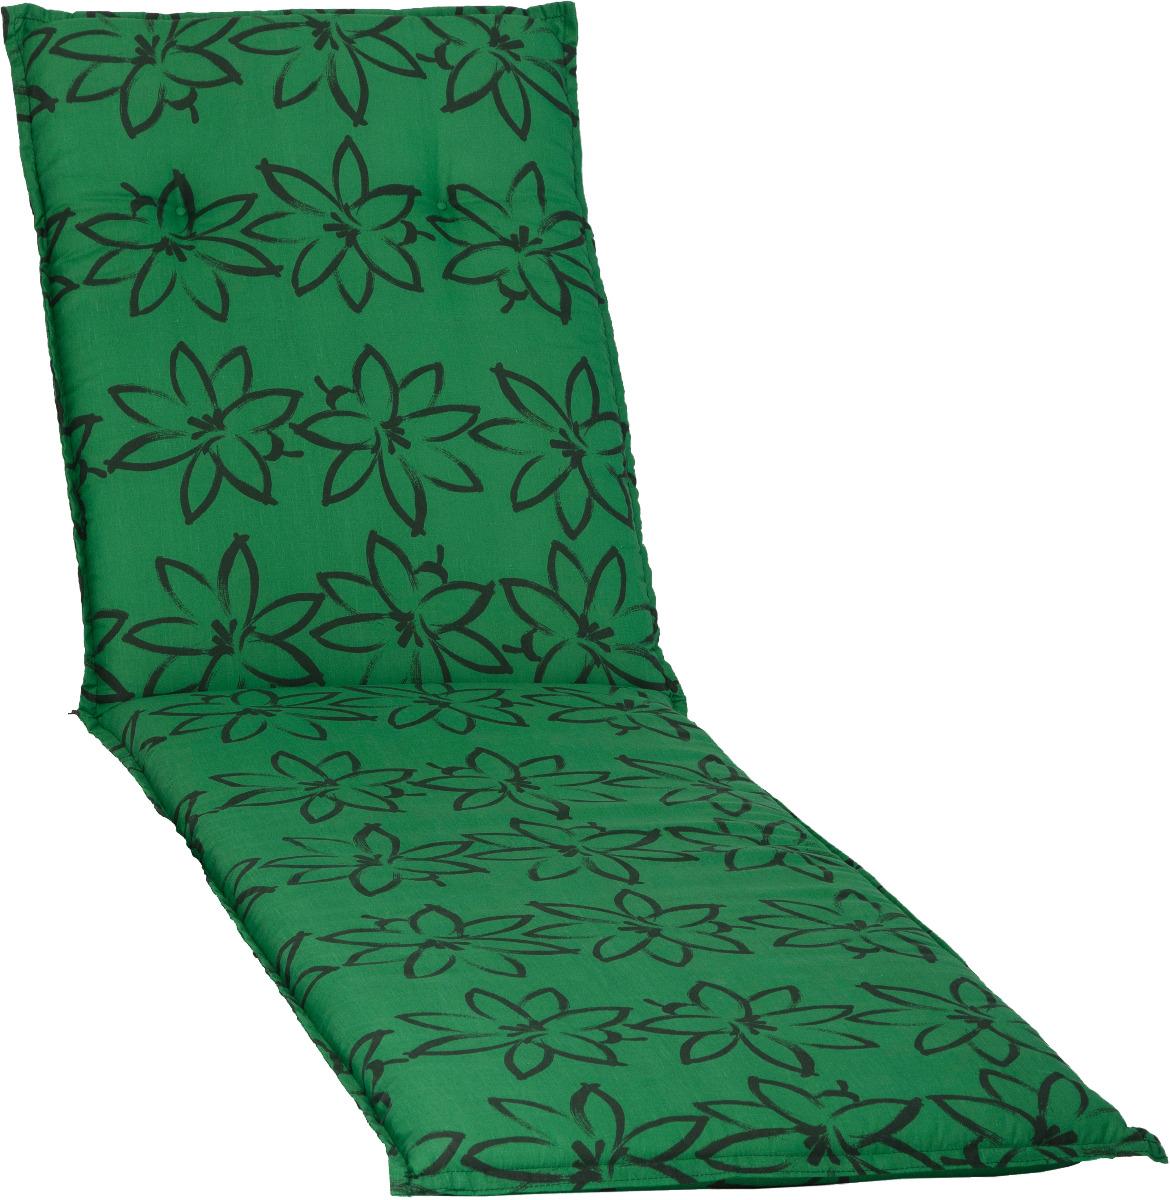 beo Gartenmöbel Auflage für Gartenliegen in grün mit schwarzer Blüte M906